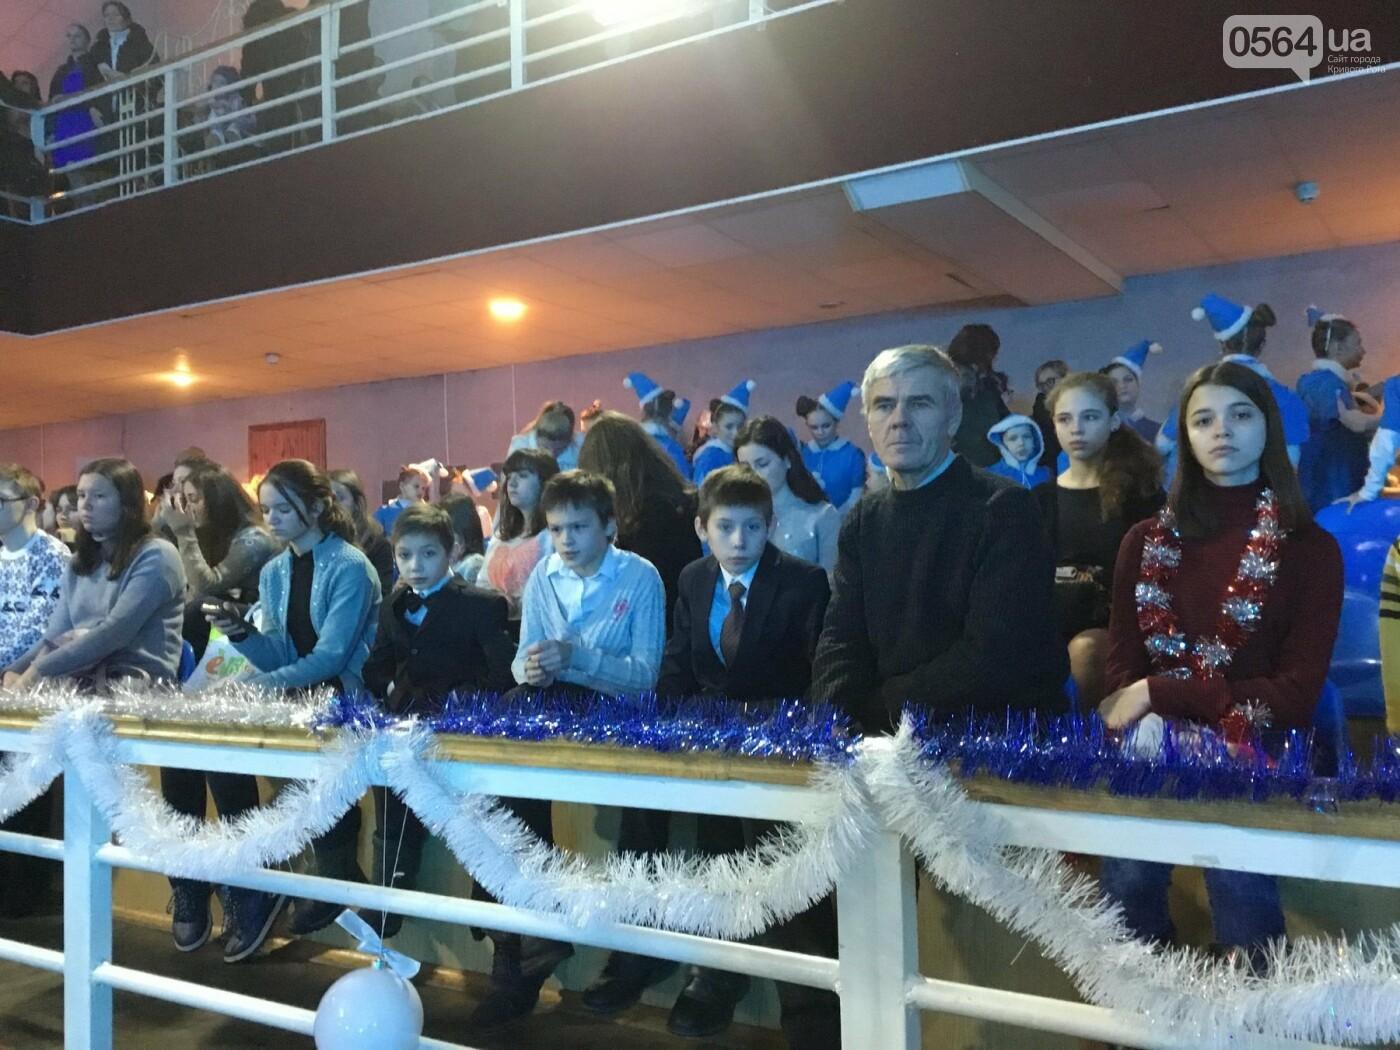 """В Кривом Роге на """"Главной елке"""" поздравили более 1,5 тысячи юных криворожан, - ФОТО, ВИДЕО, фото-18"""